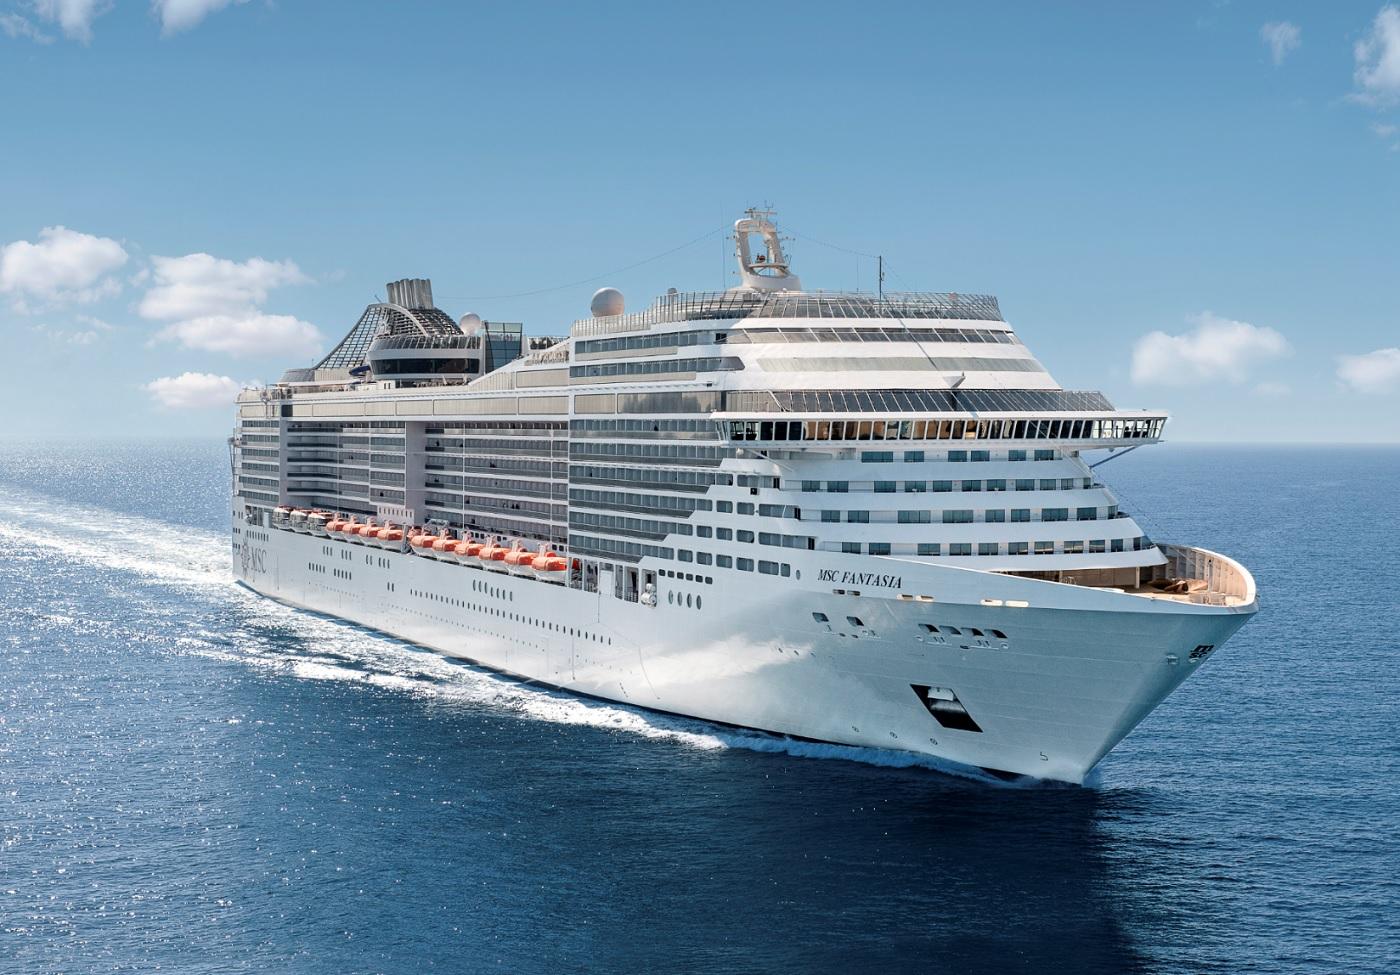 msc fantasia cruise ship